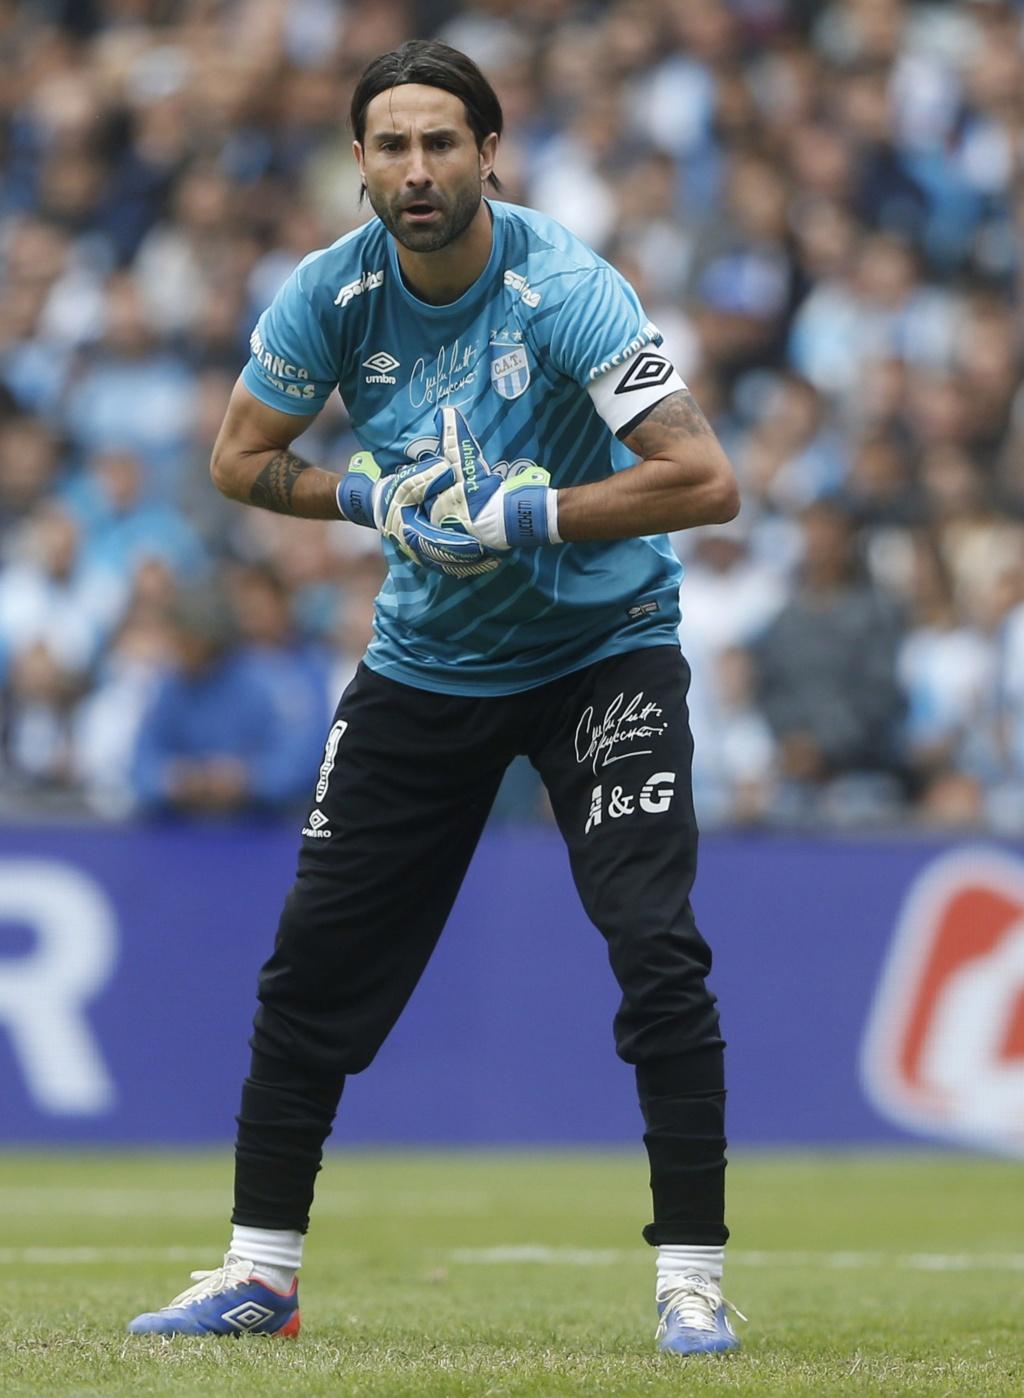 Los porteros más bajos de la historia del futbol -- Shortest goalkeepers in football - Página 5 Luccet10